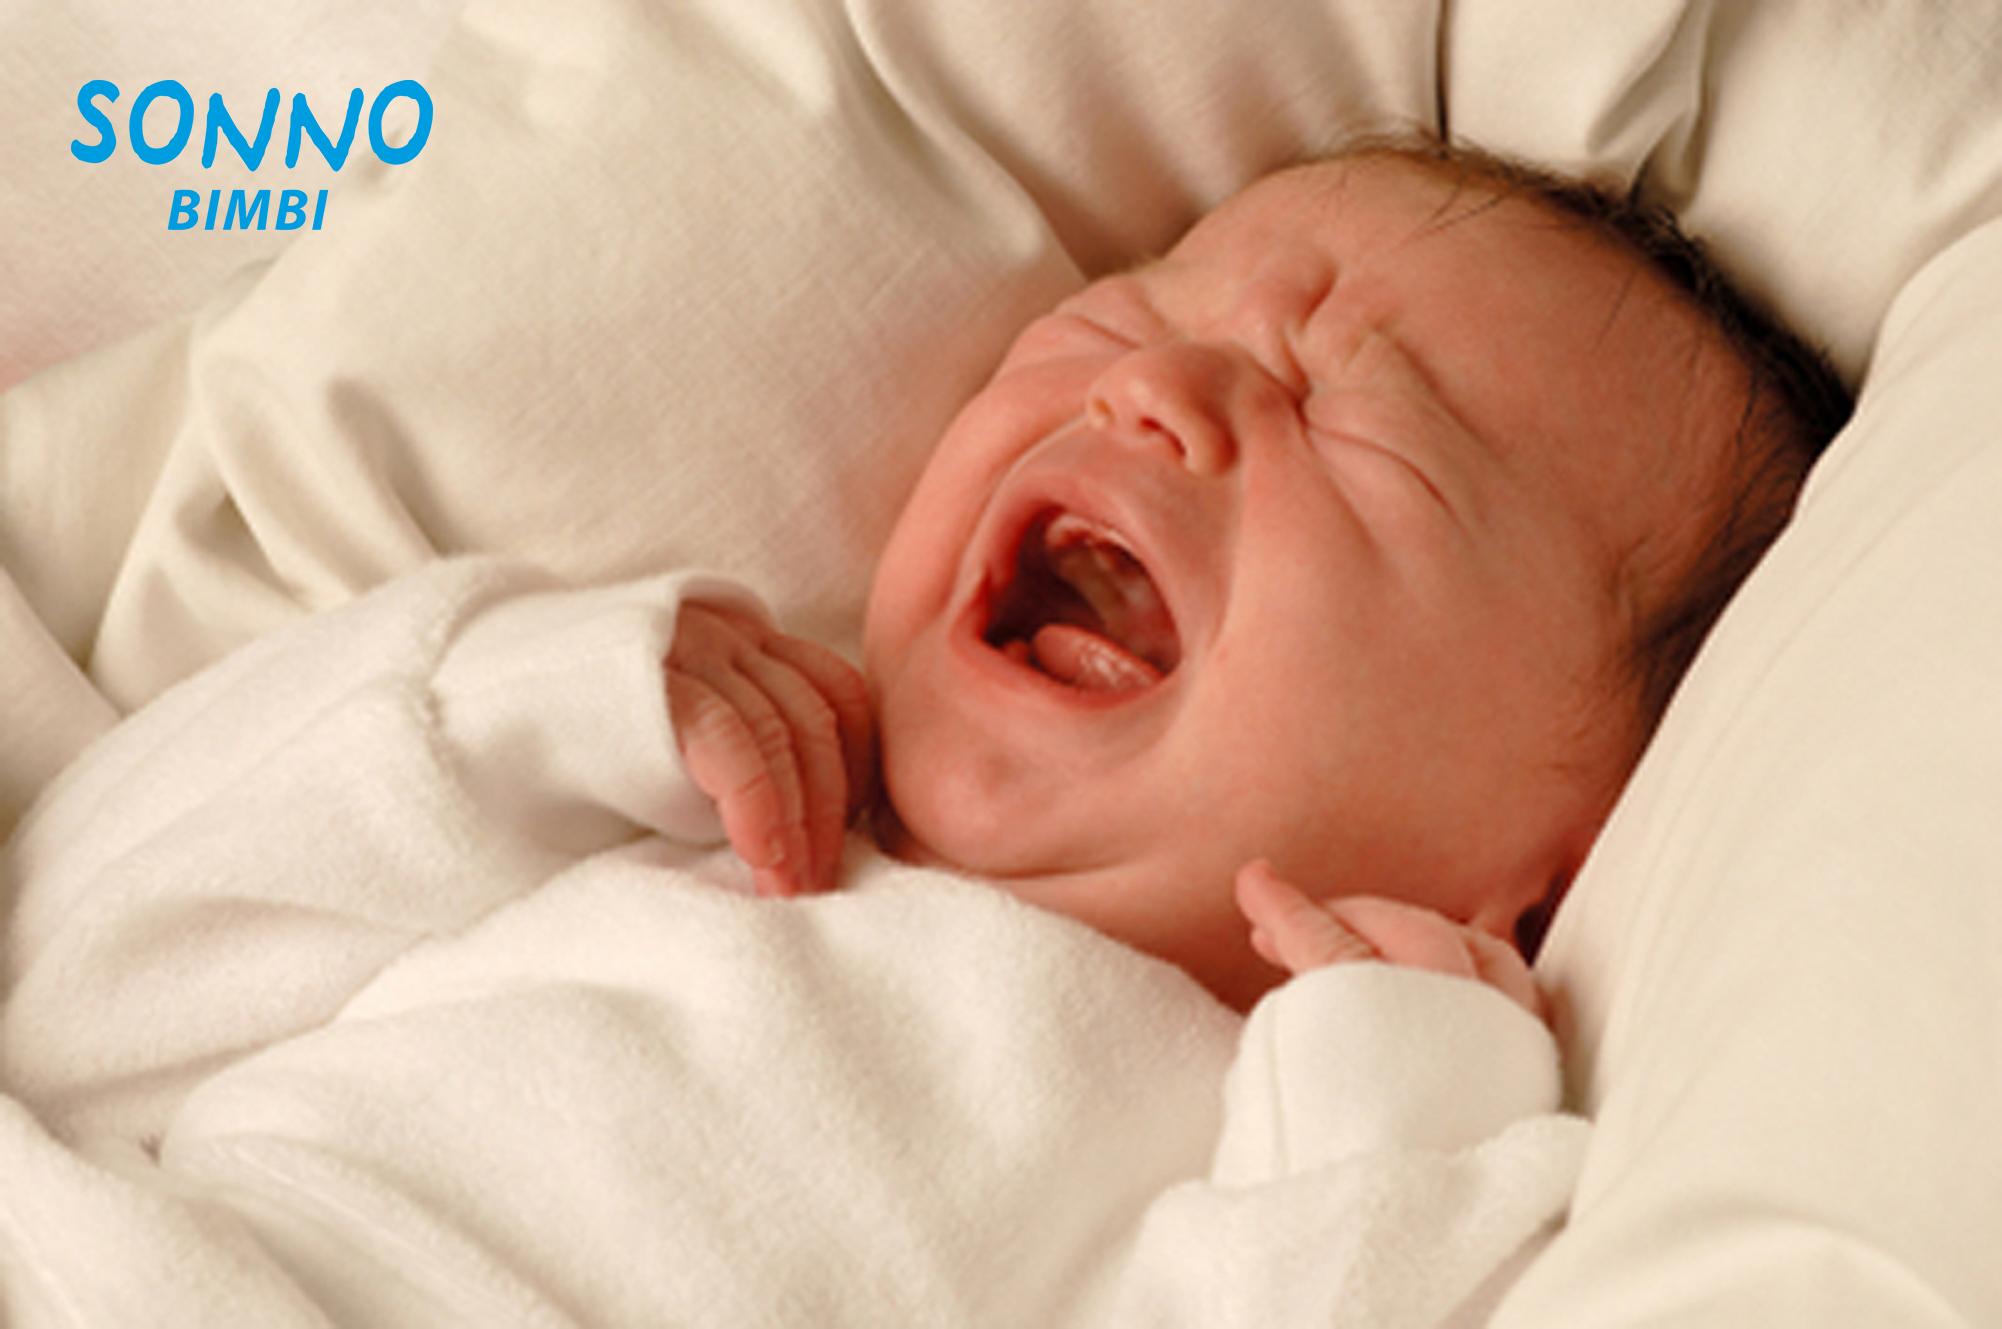 Trẻ giật mình, khó ngủ, quấy đêm: Chuyên gia nói gì? 1